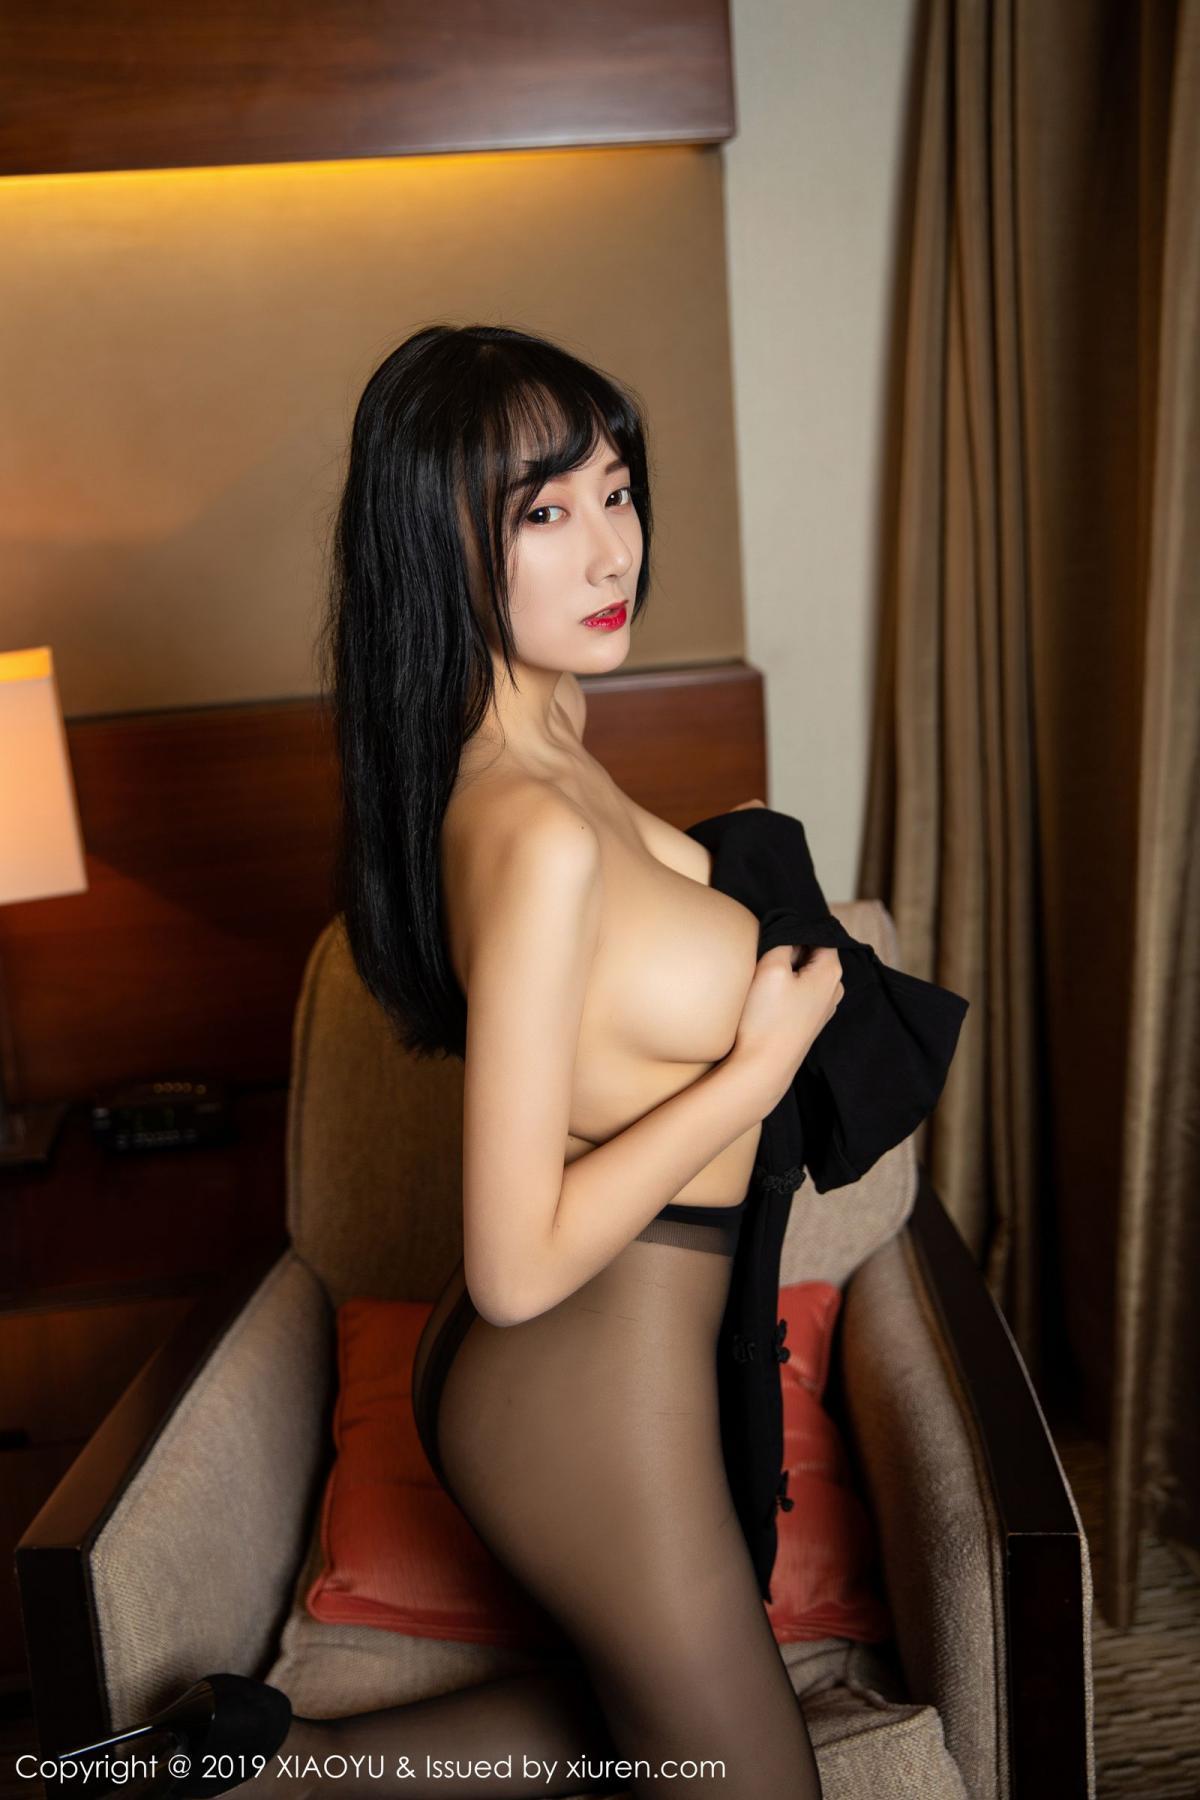 [XiaoYu] Vol.145 He Jia Ying 45P, Black Silk, He Jia Ying, Underwear, XiaoYu